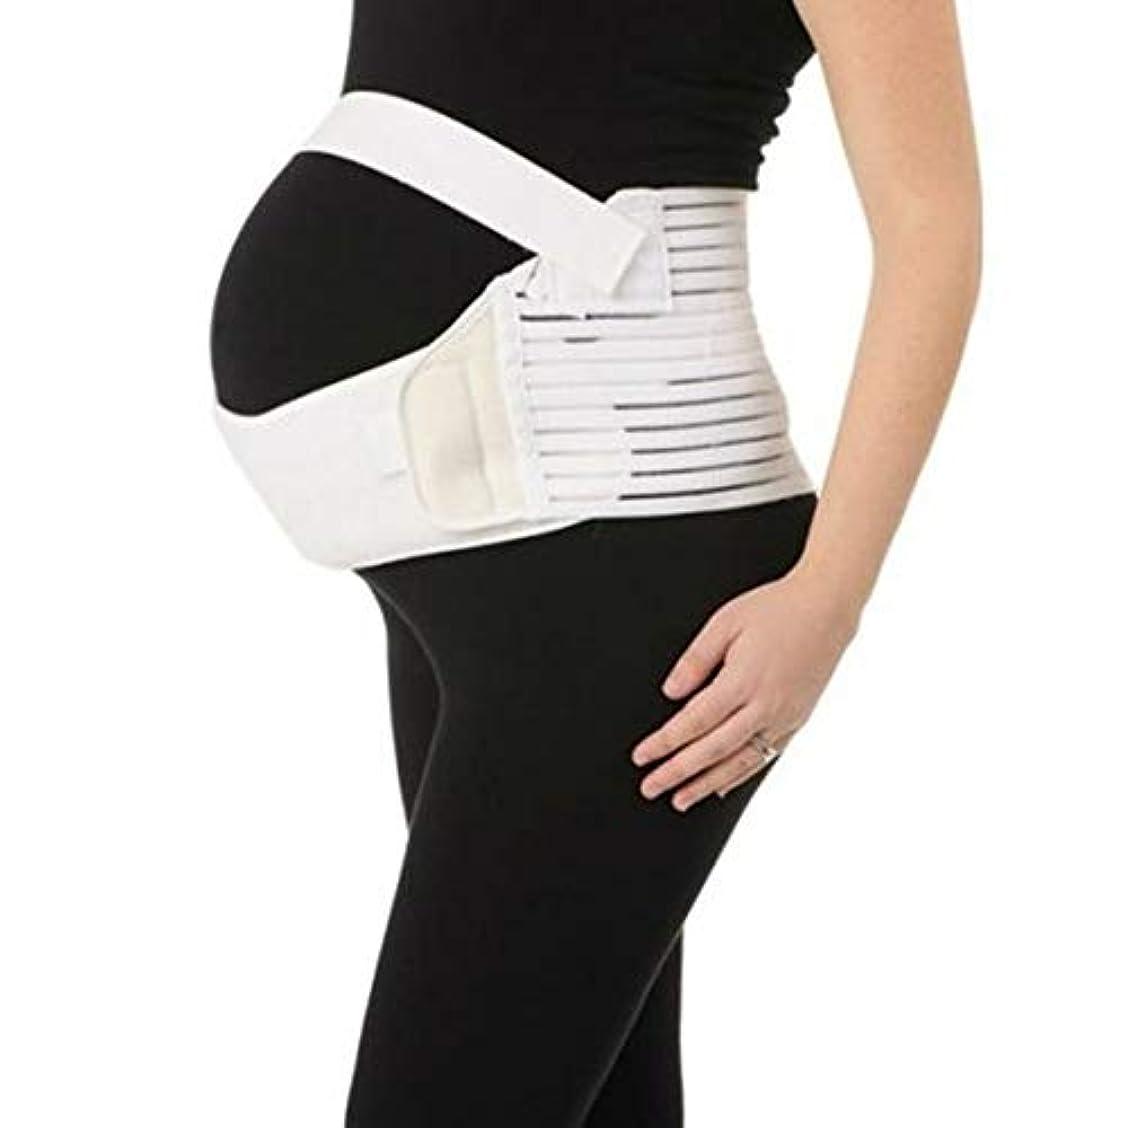 ジェスチャー最後に枯渇する通気性マタニティベルト妊娠腹部サポート腹部バインダーガードル運動包帯産後回復形状ウェア - ホワイトXL